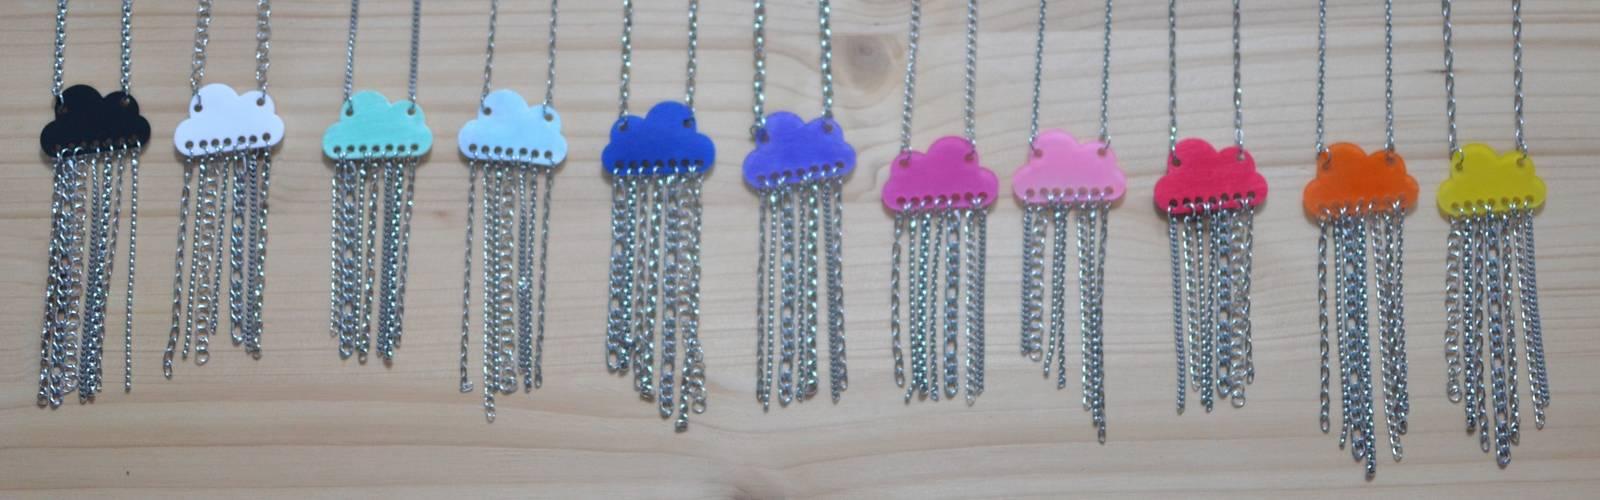 Collection de sautoirs nuages multicolores et pluie de chaînettes en inox pour A'Cajou #BDJ147